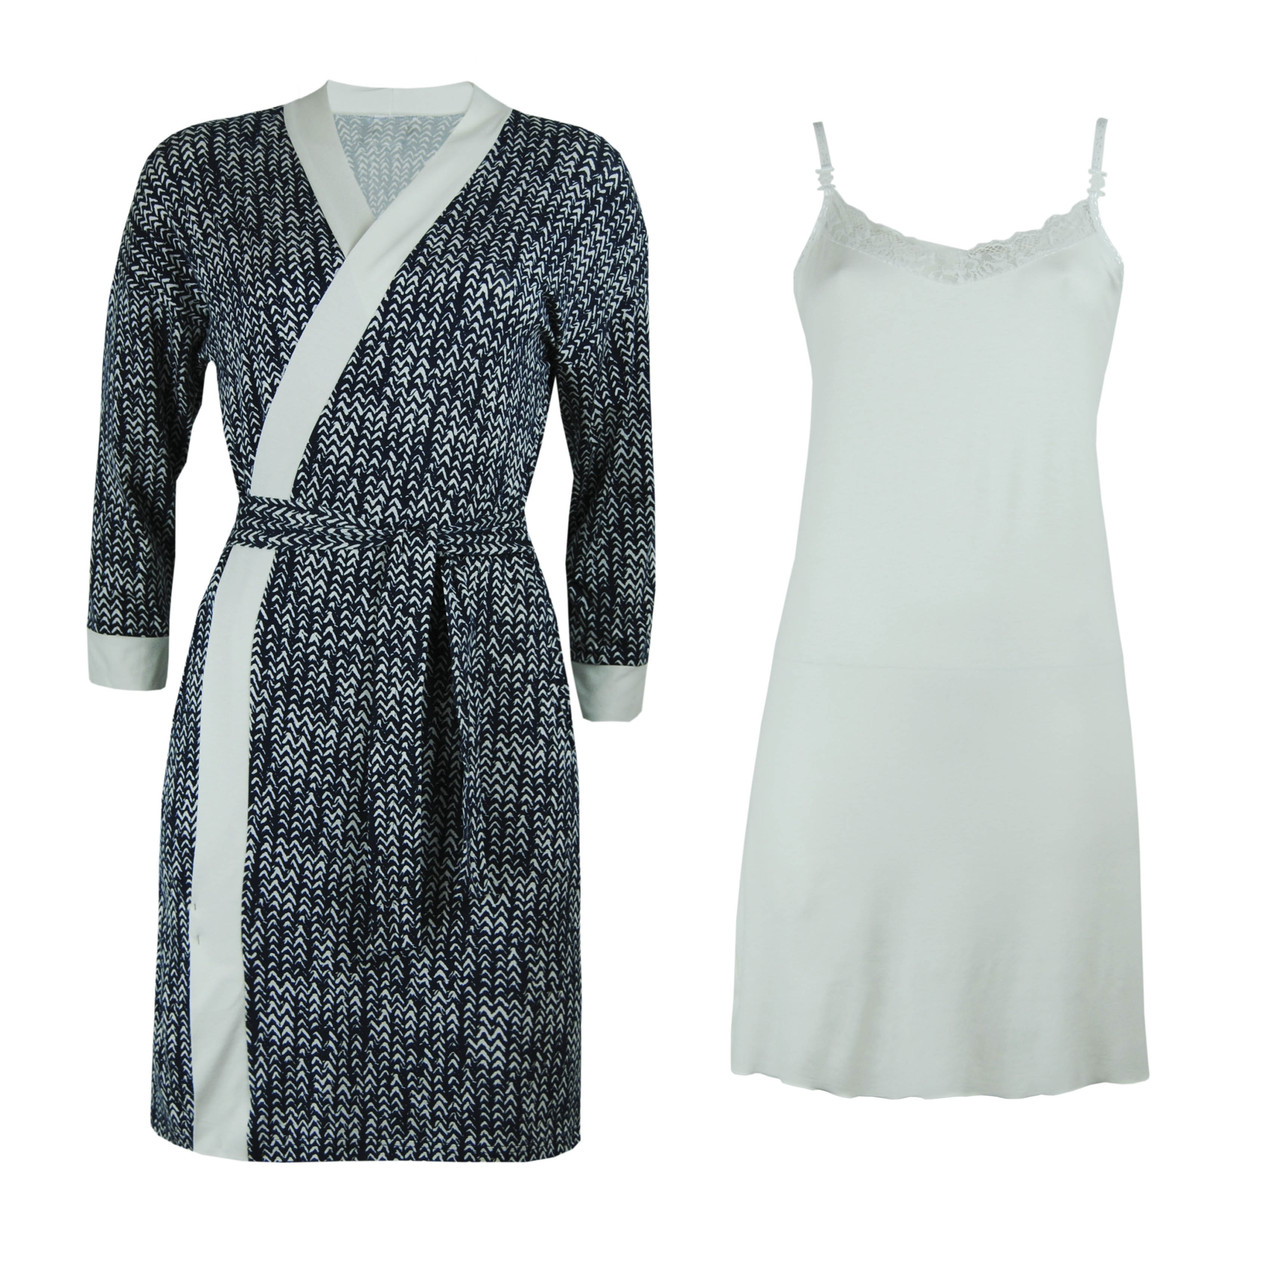 Комплект двойка халат и ночная рубашка для беременных и кормящих вискоза